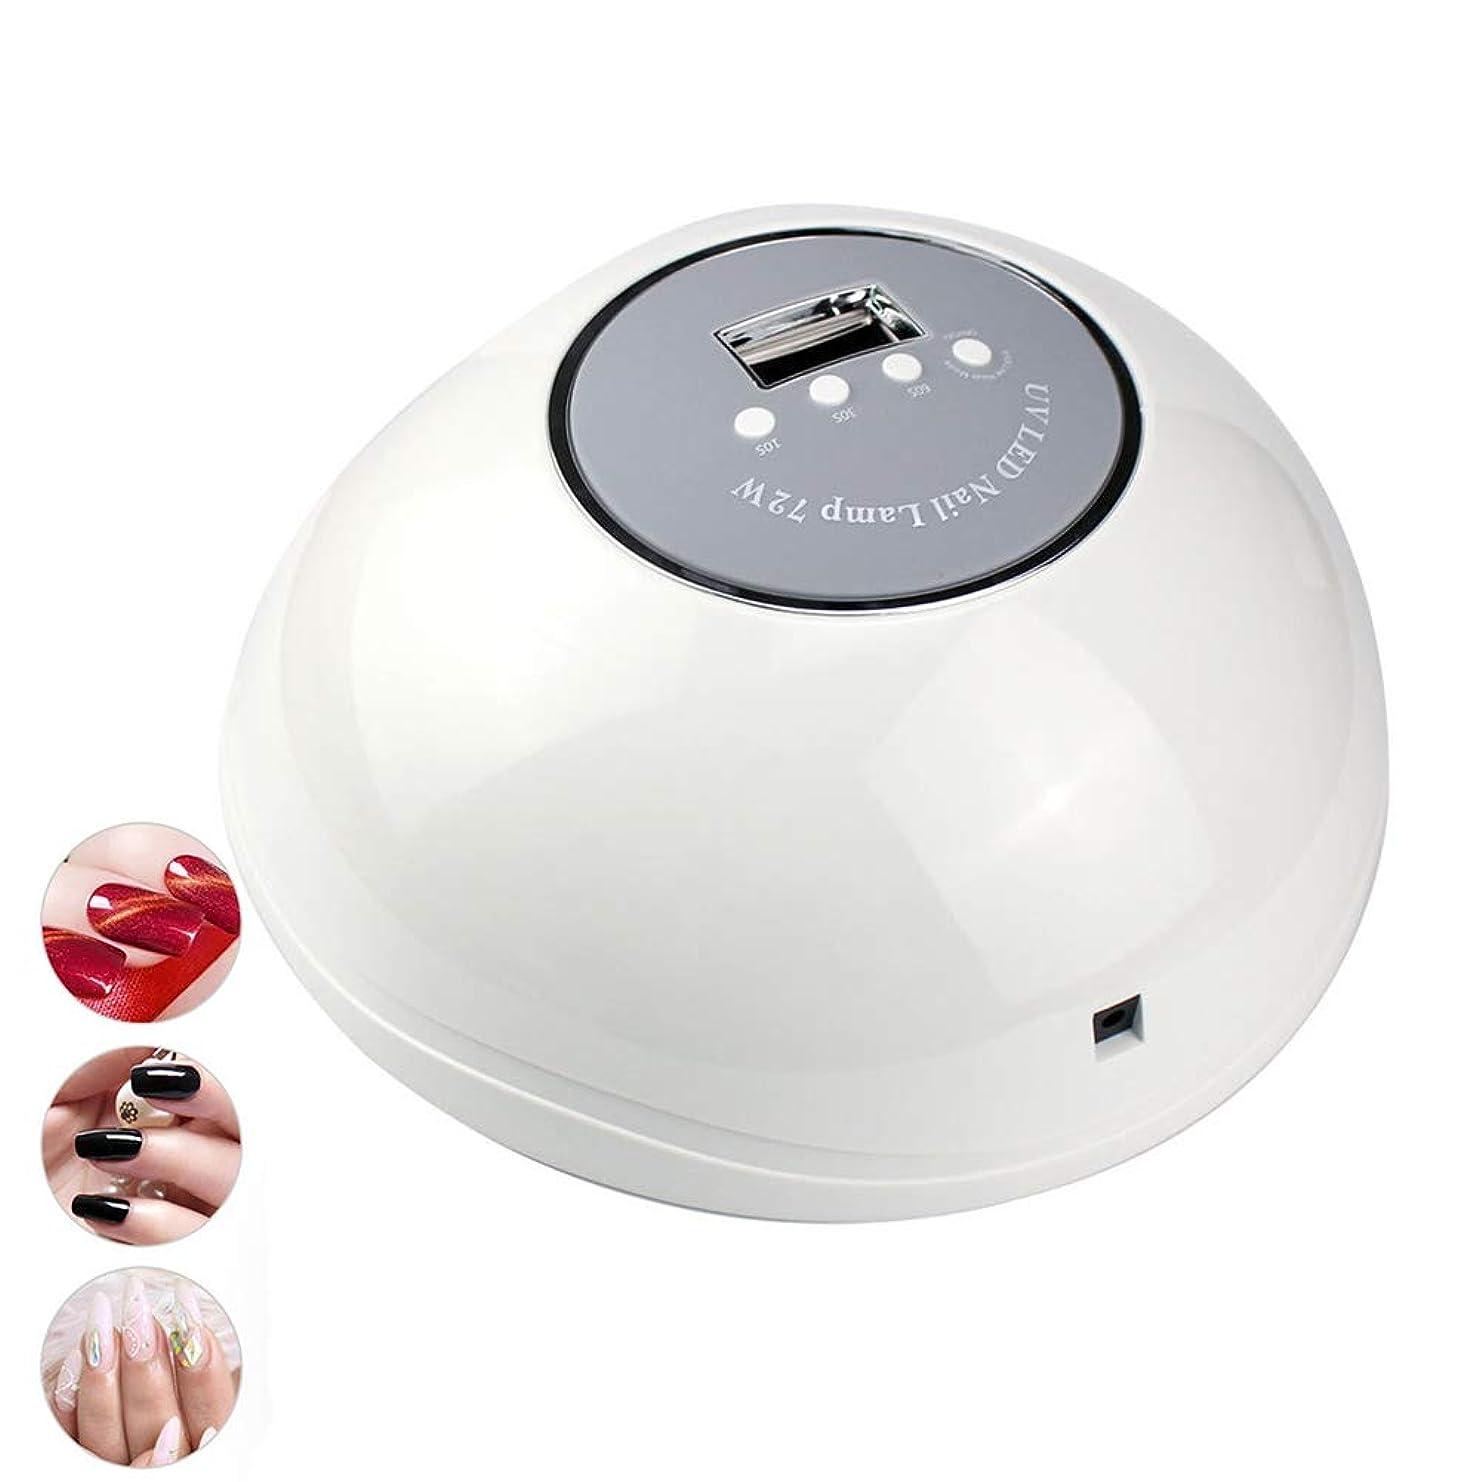 処理トピックページUV LEDプロフェッショナル72Wマニキュアネイルアート機器用ジェルポリッシュライトセラピー紫外線ランプ器具用ネイルドライヤー